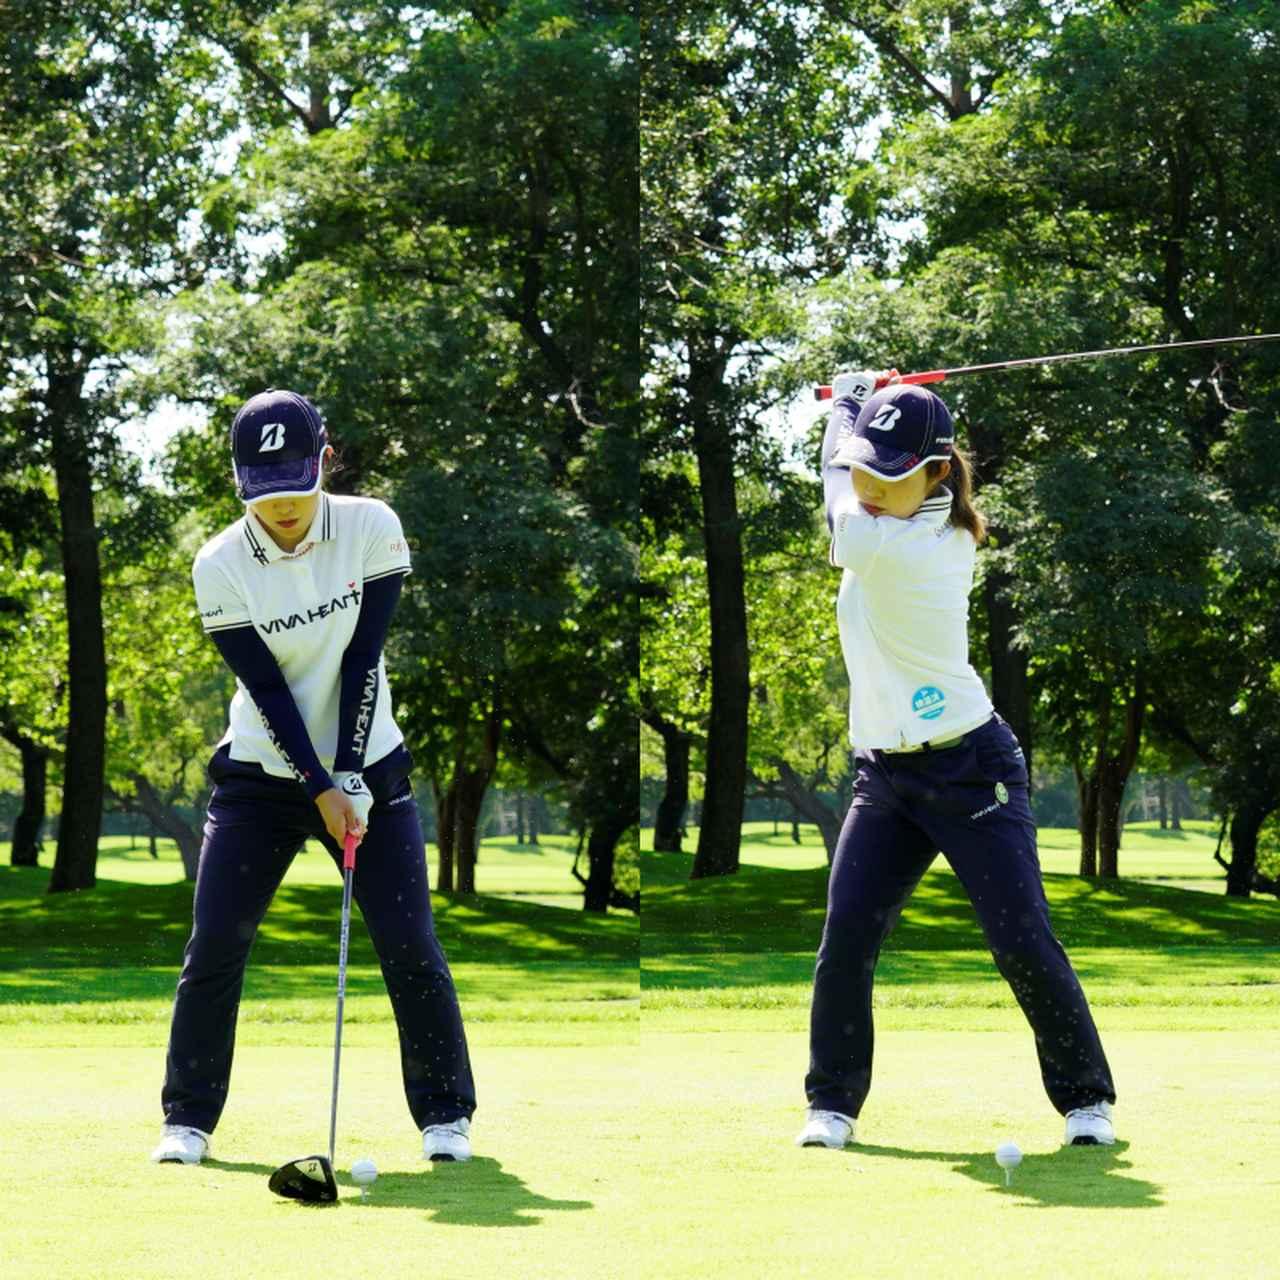 画像: 画像A:左手をかぶせて握るストロンググリップで左腕とクラブは一直線に構える(左)。両ひざをやや外側に向けることで脚が動き過ぎす静かにしかししっかりと下半身を使う(右)(写真は2020年のニトリレディストーナメント 代表撮影上山敬太)